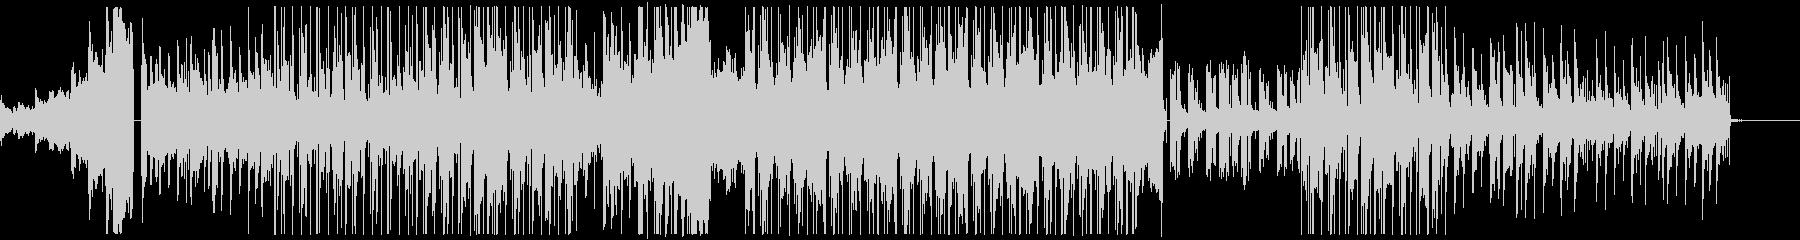 まったりと寛げるHip HopのBGMの未再生の波形